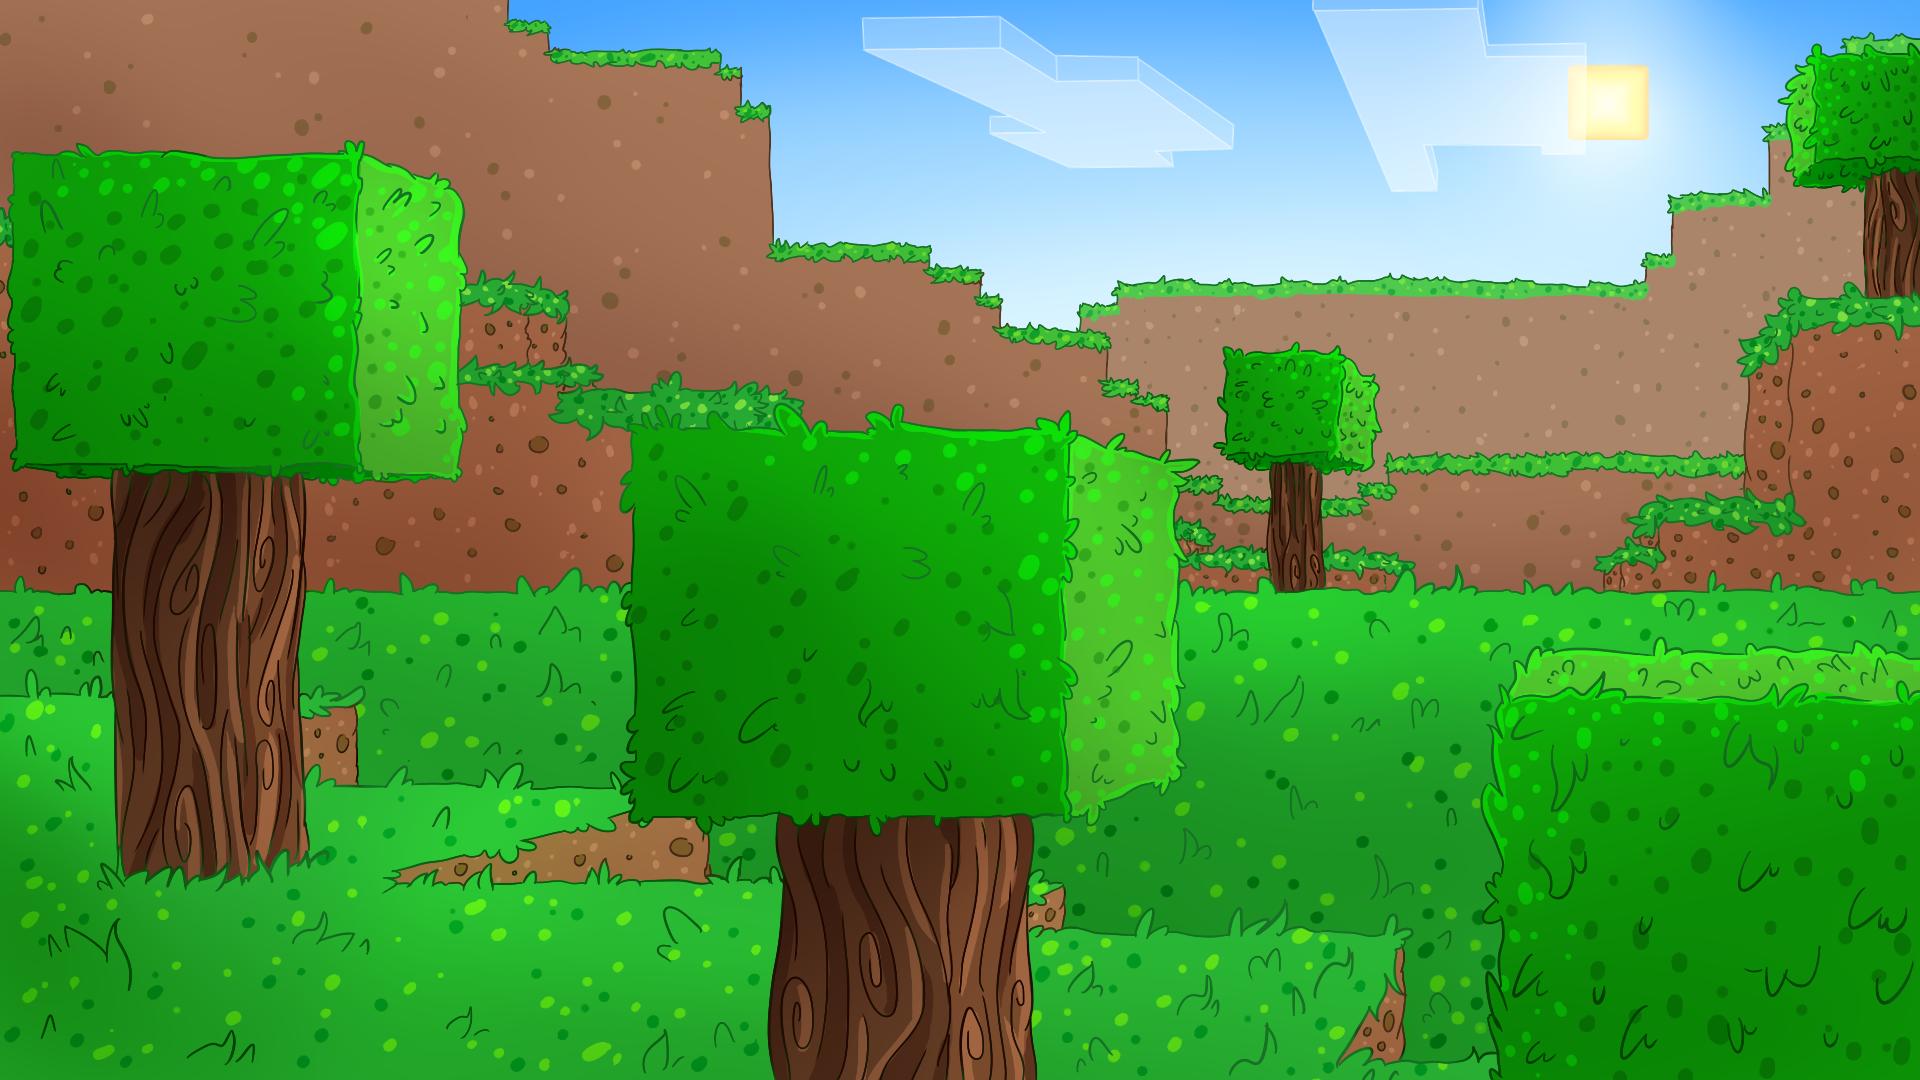 Minecraft Background by DoritoDemon2 on DeviantArt